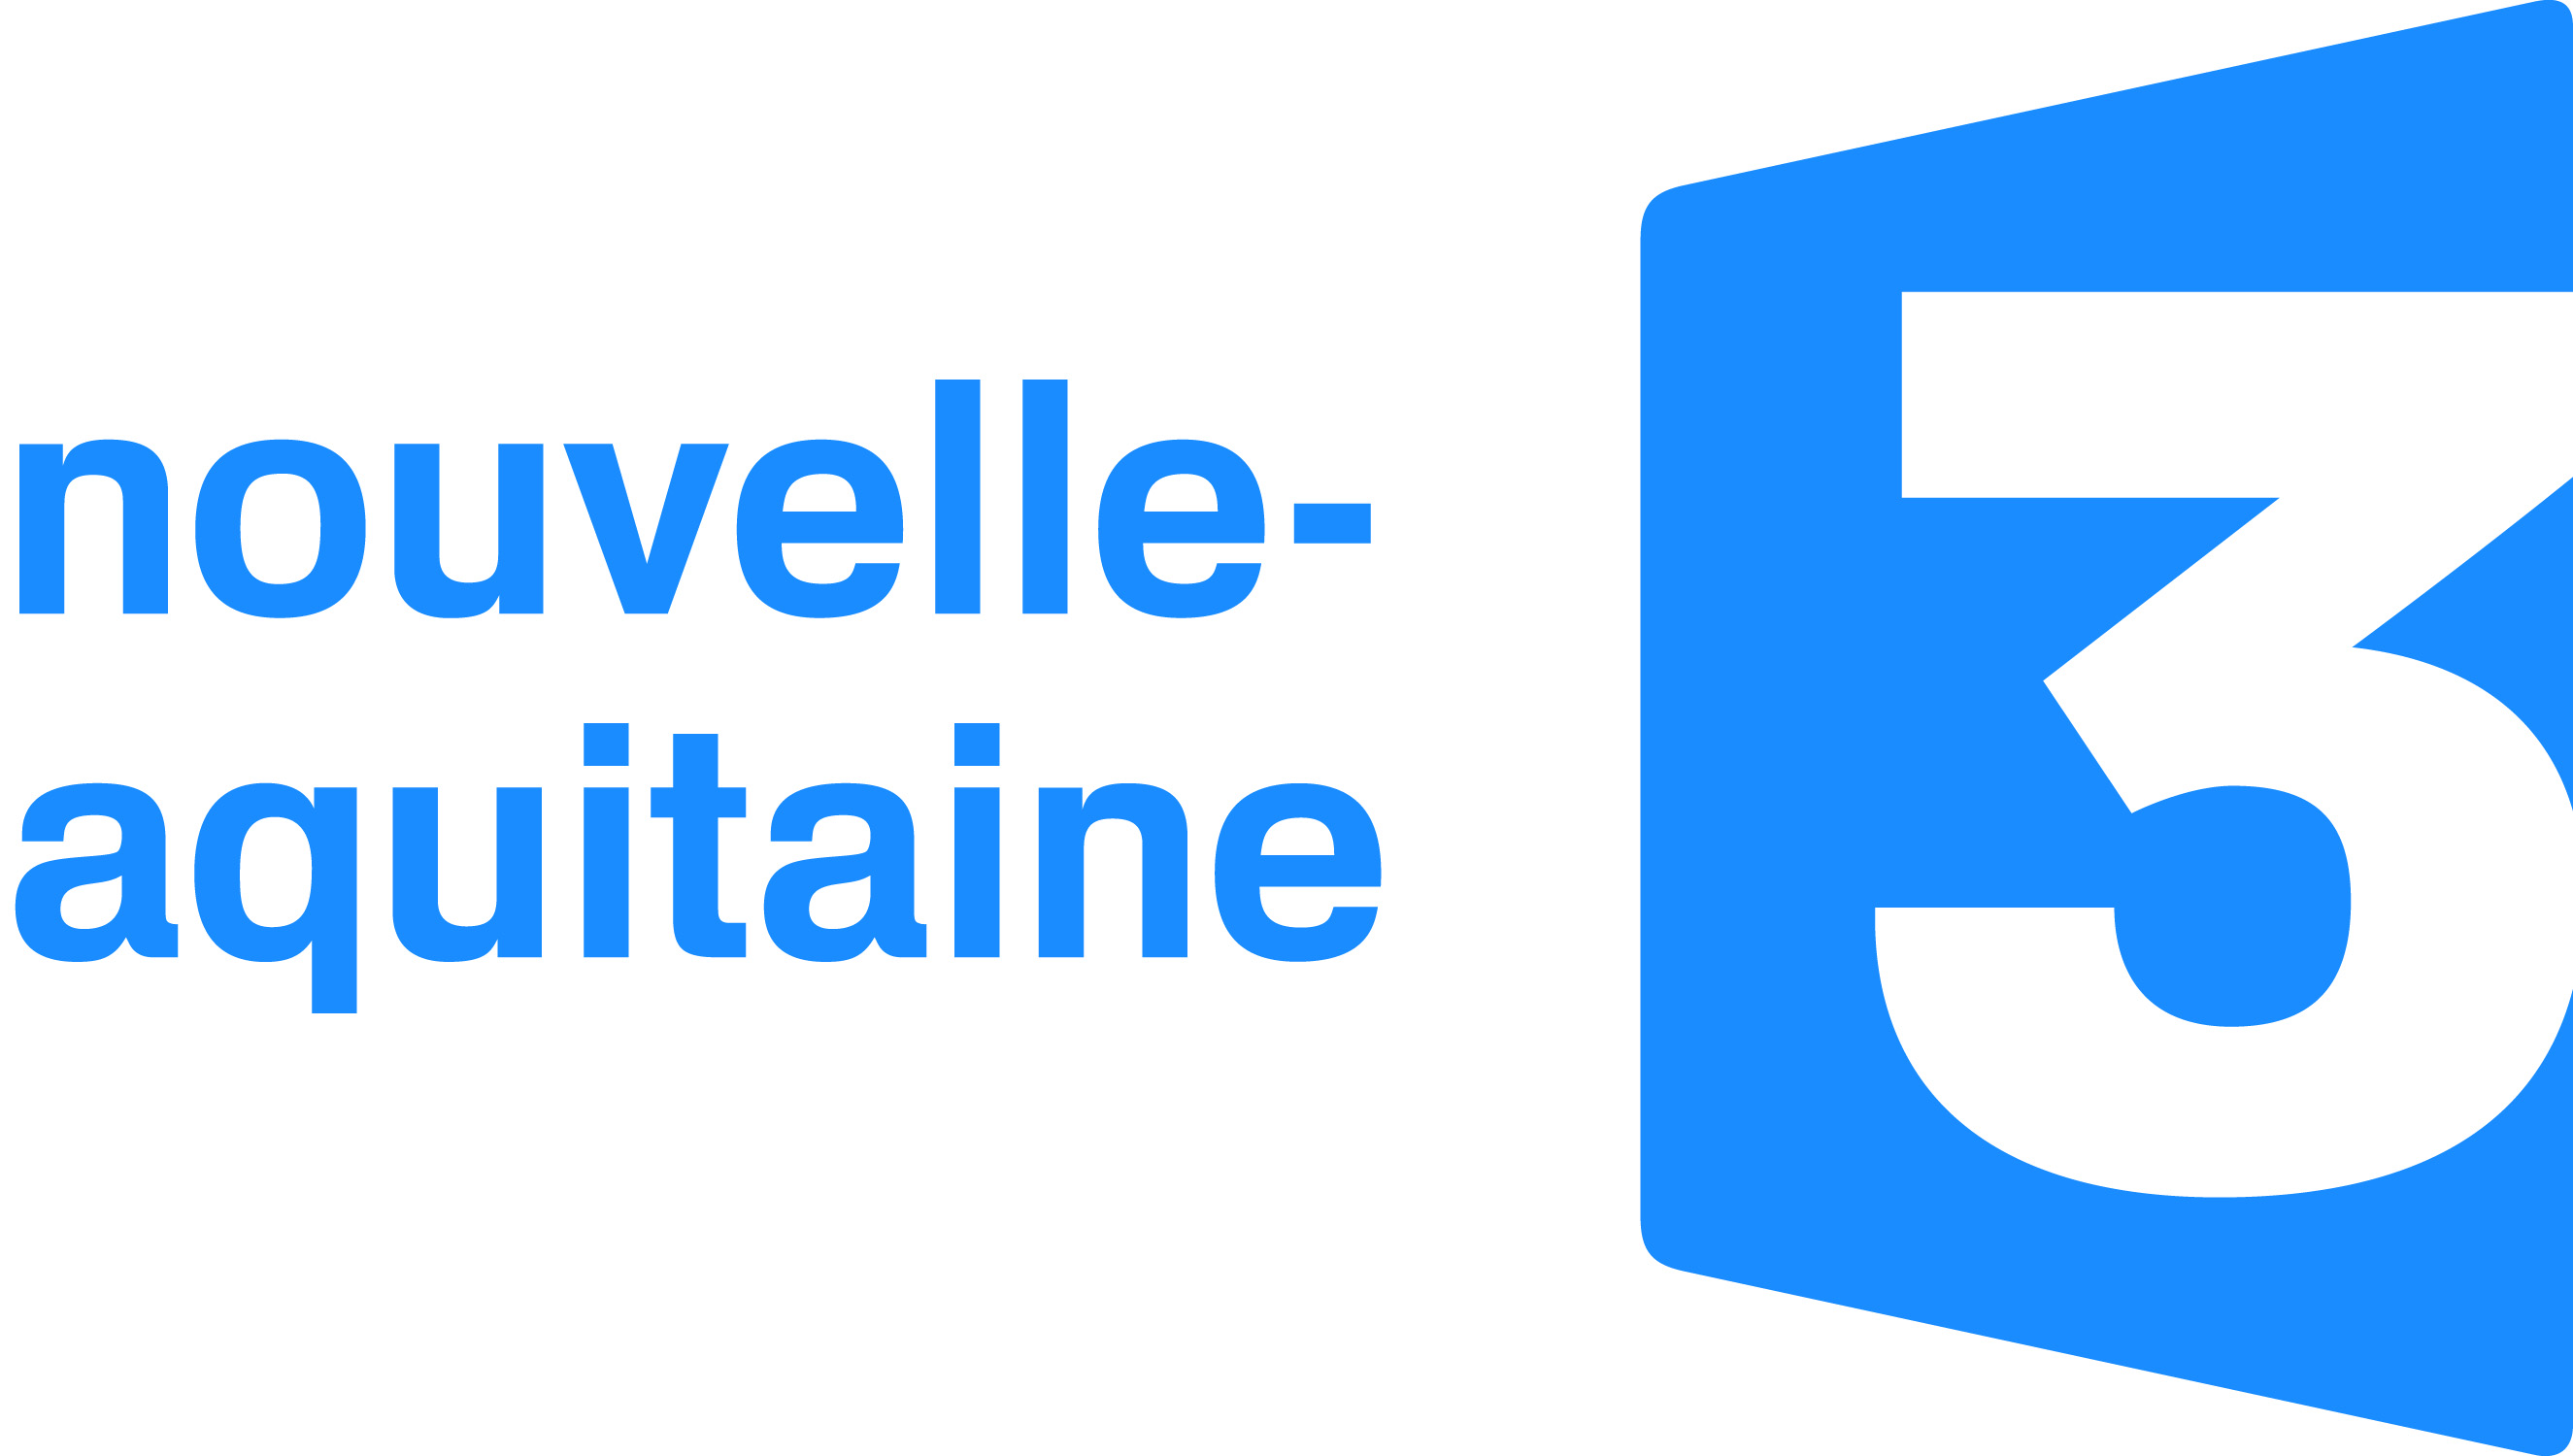 nouvelle_aquitaine_g